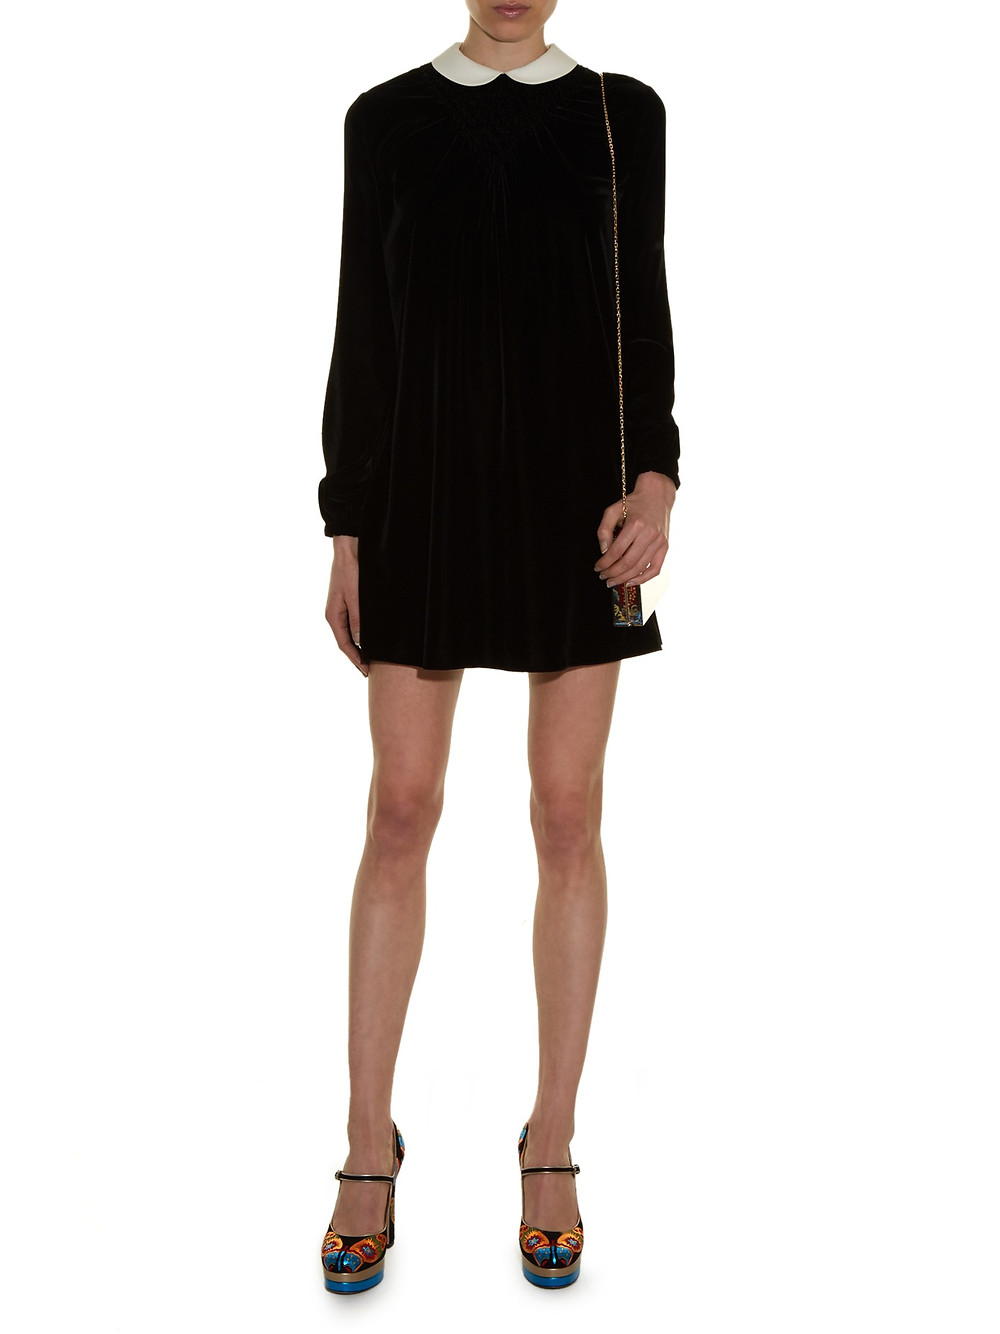 Valentino Peter Pan Collar Smocked Velvet Dress $6,590